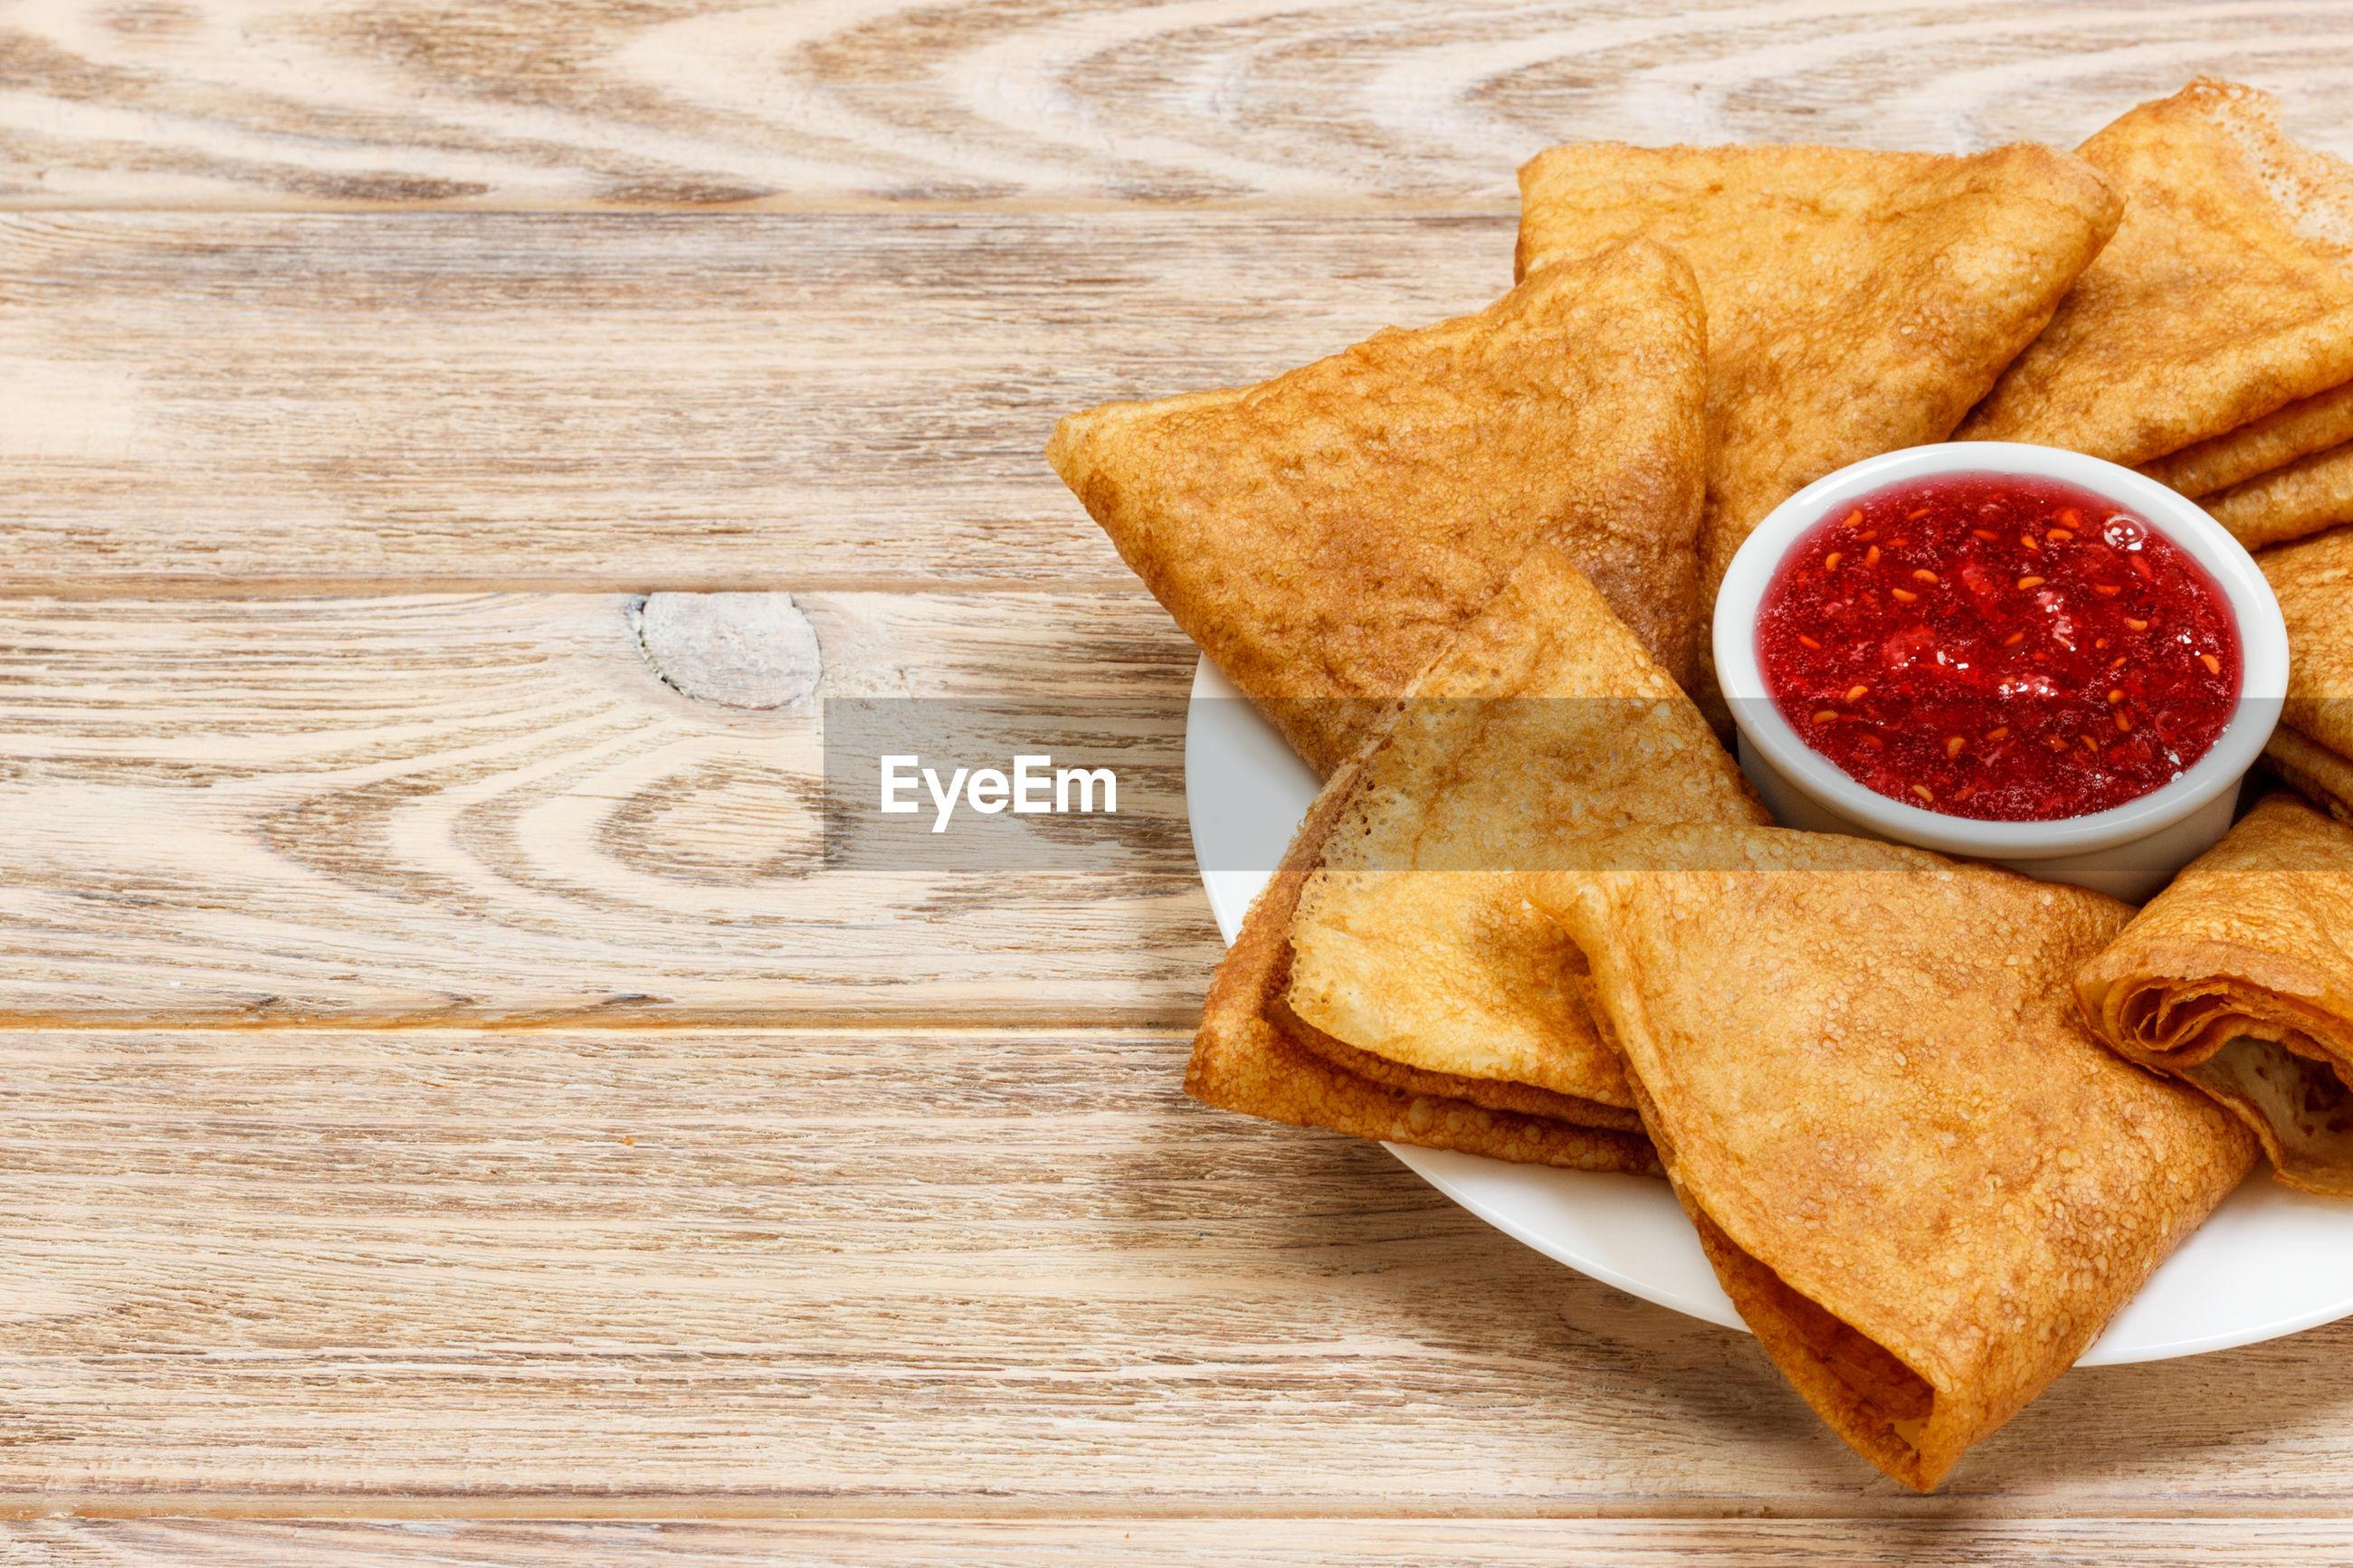 High angle view of food and sauce on table